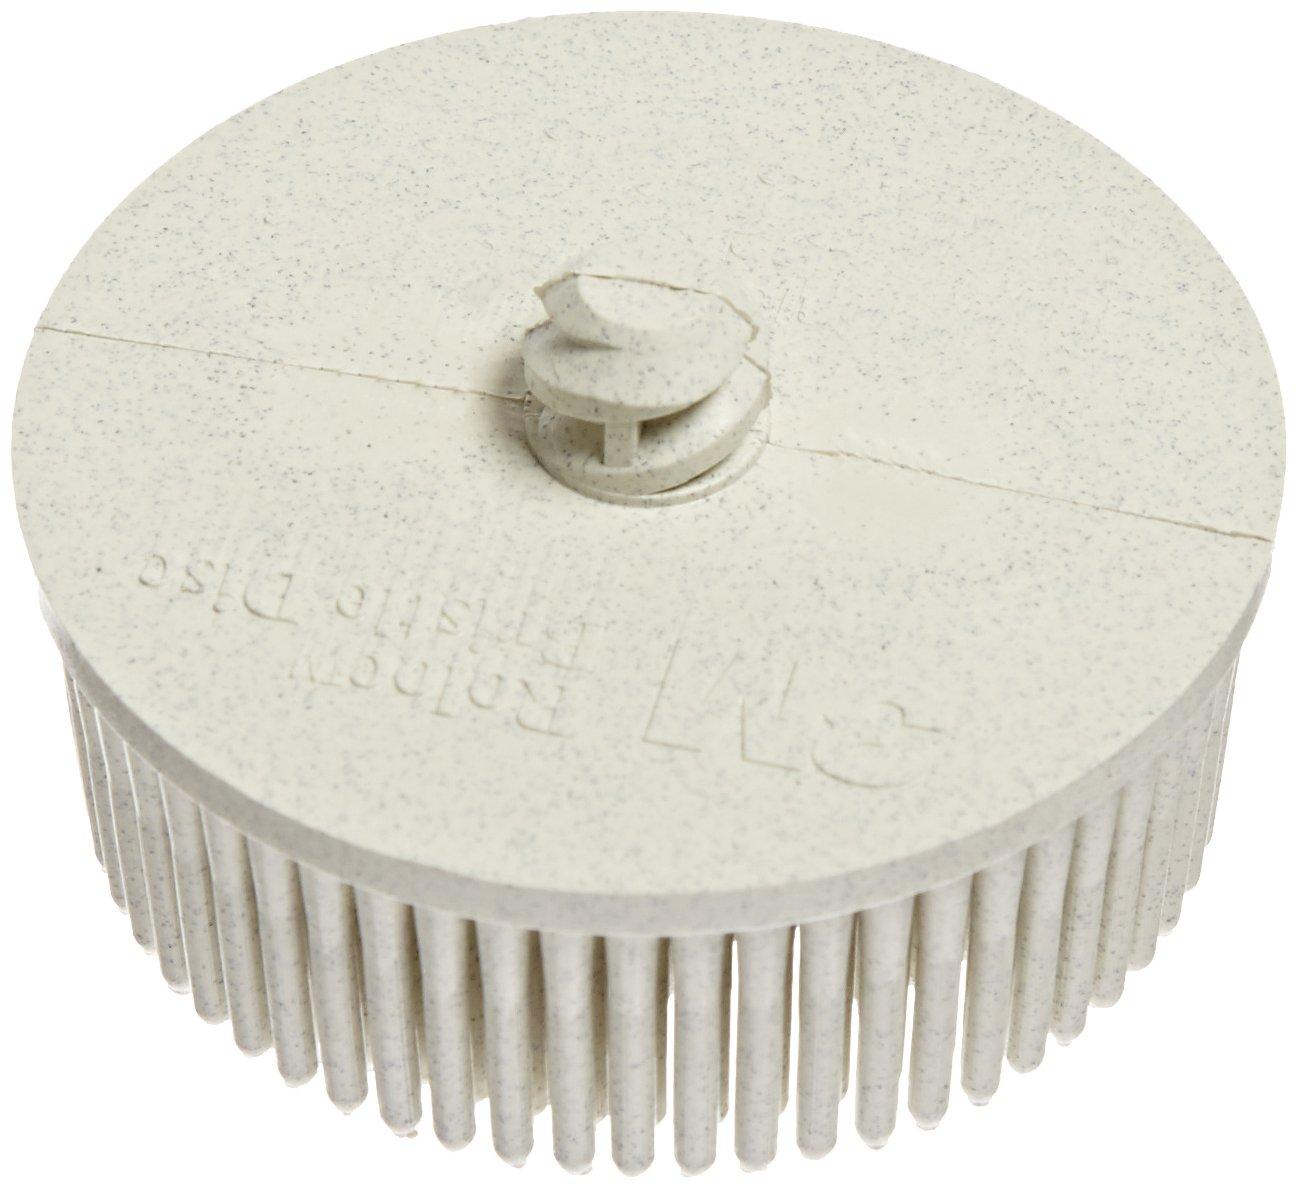 TM 2 Diameter 120 Grit Scotch-Brite Ceramic Bristle Disc 25000 rpm TM Pack of 10 Roloc White